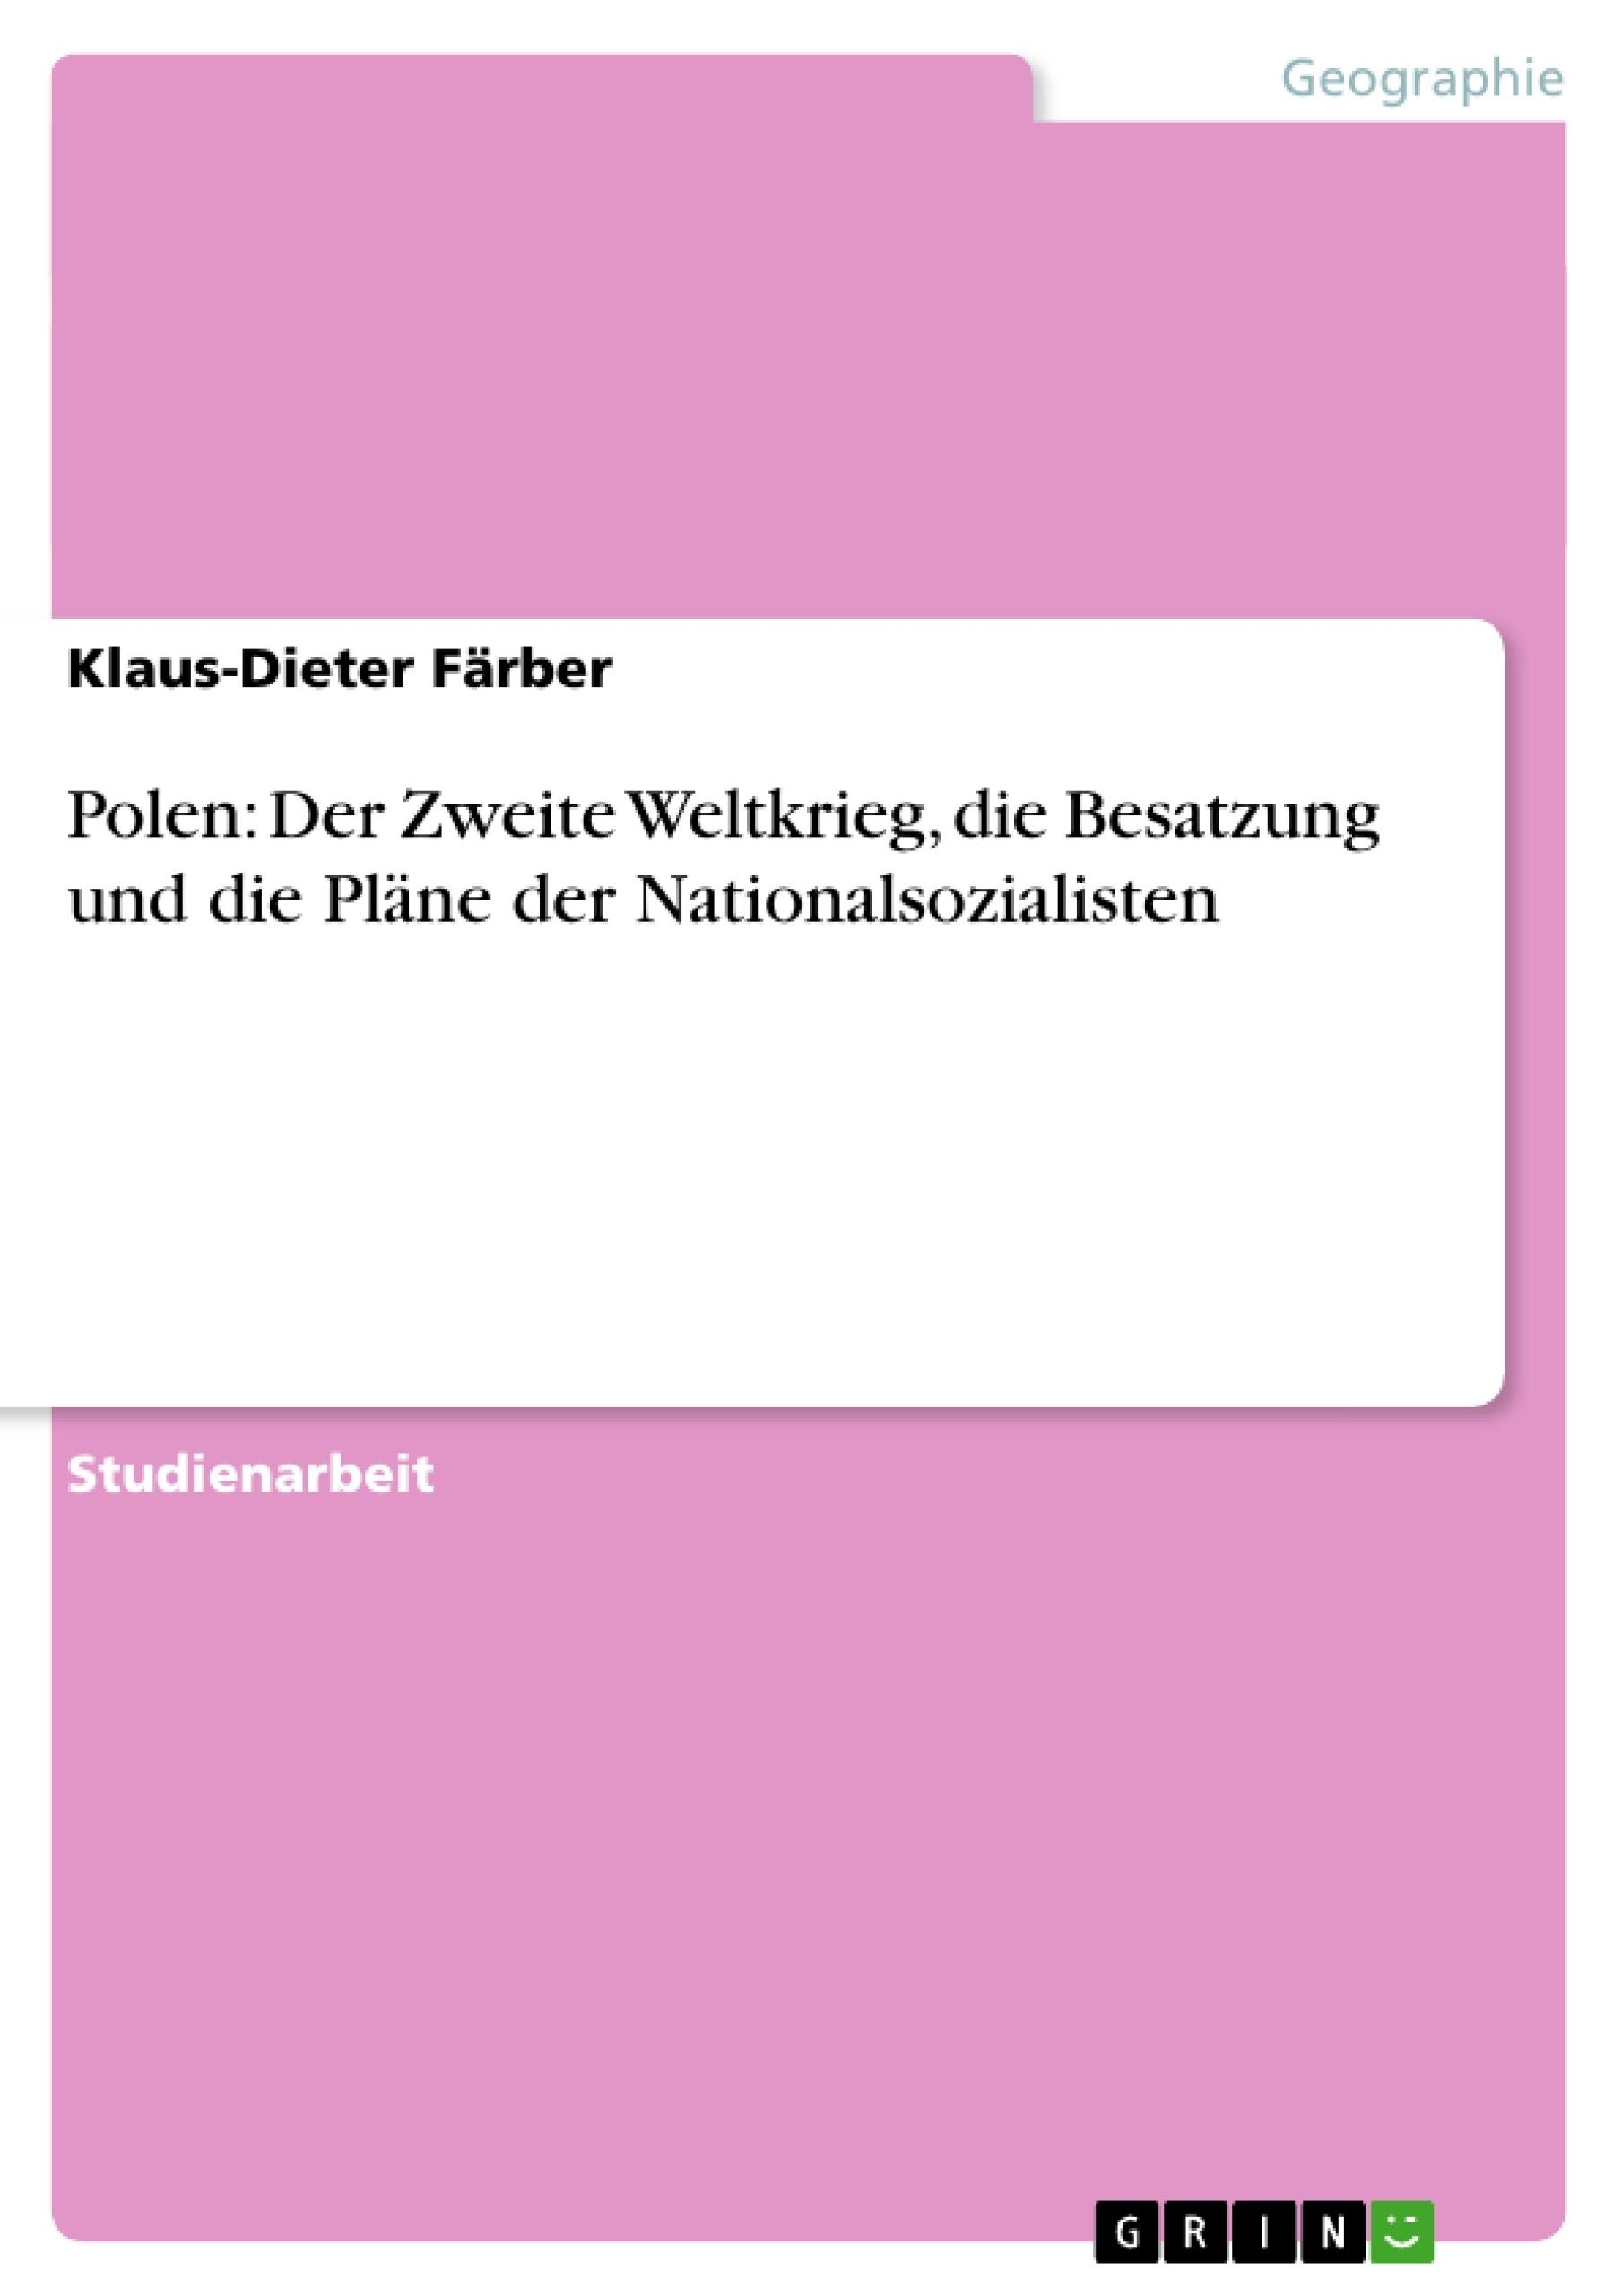 Titel: Polen: Der Zweite Weltkrieg, die Besatzung und die Pläne der Nationalsozialisten